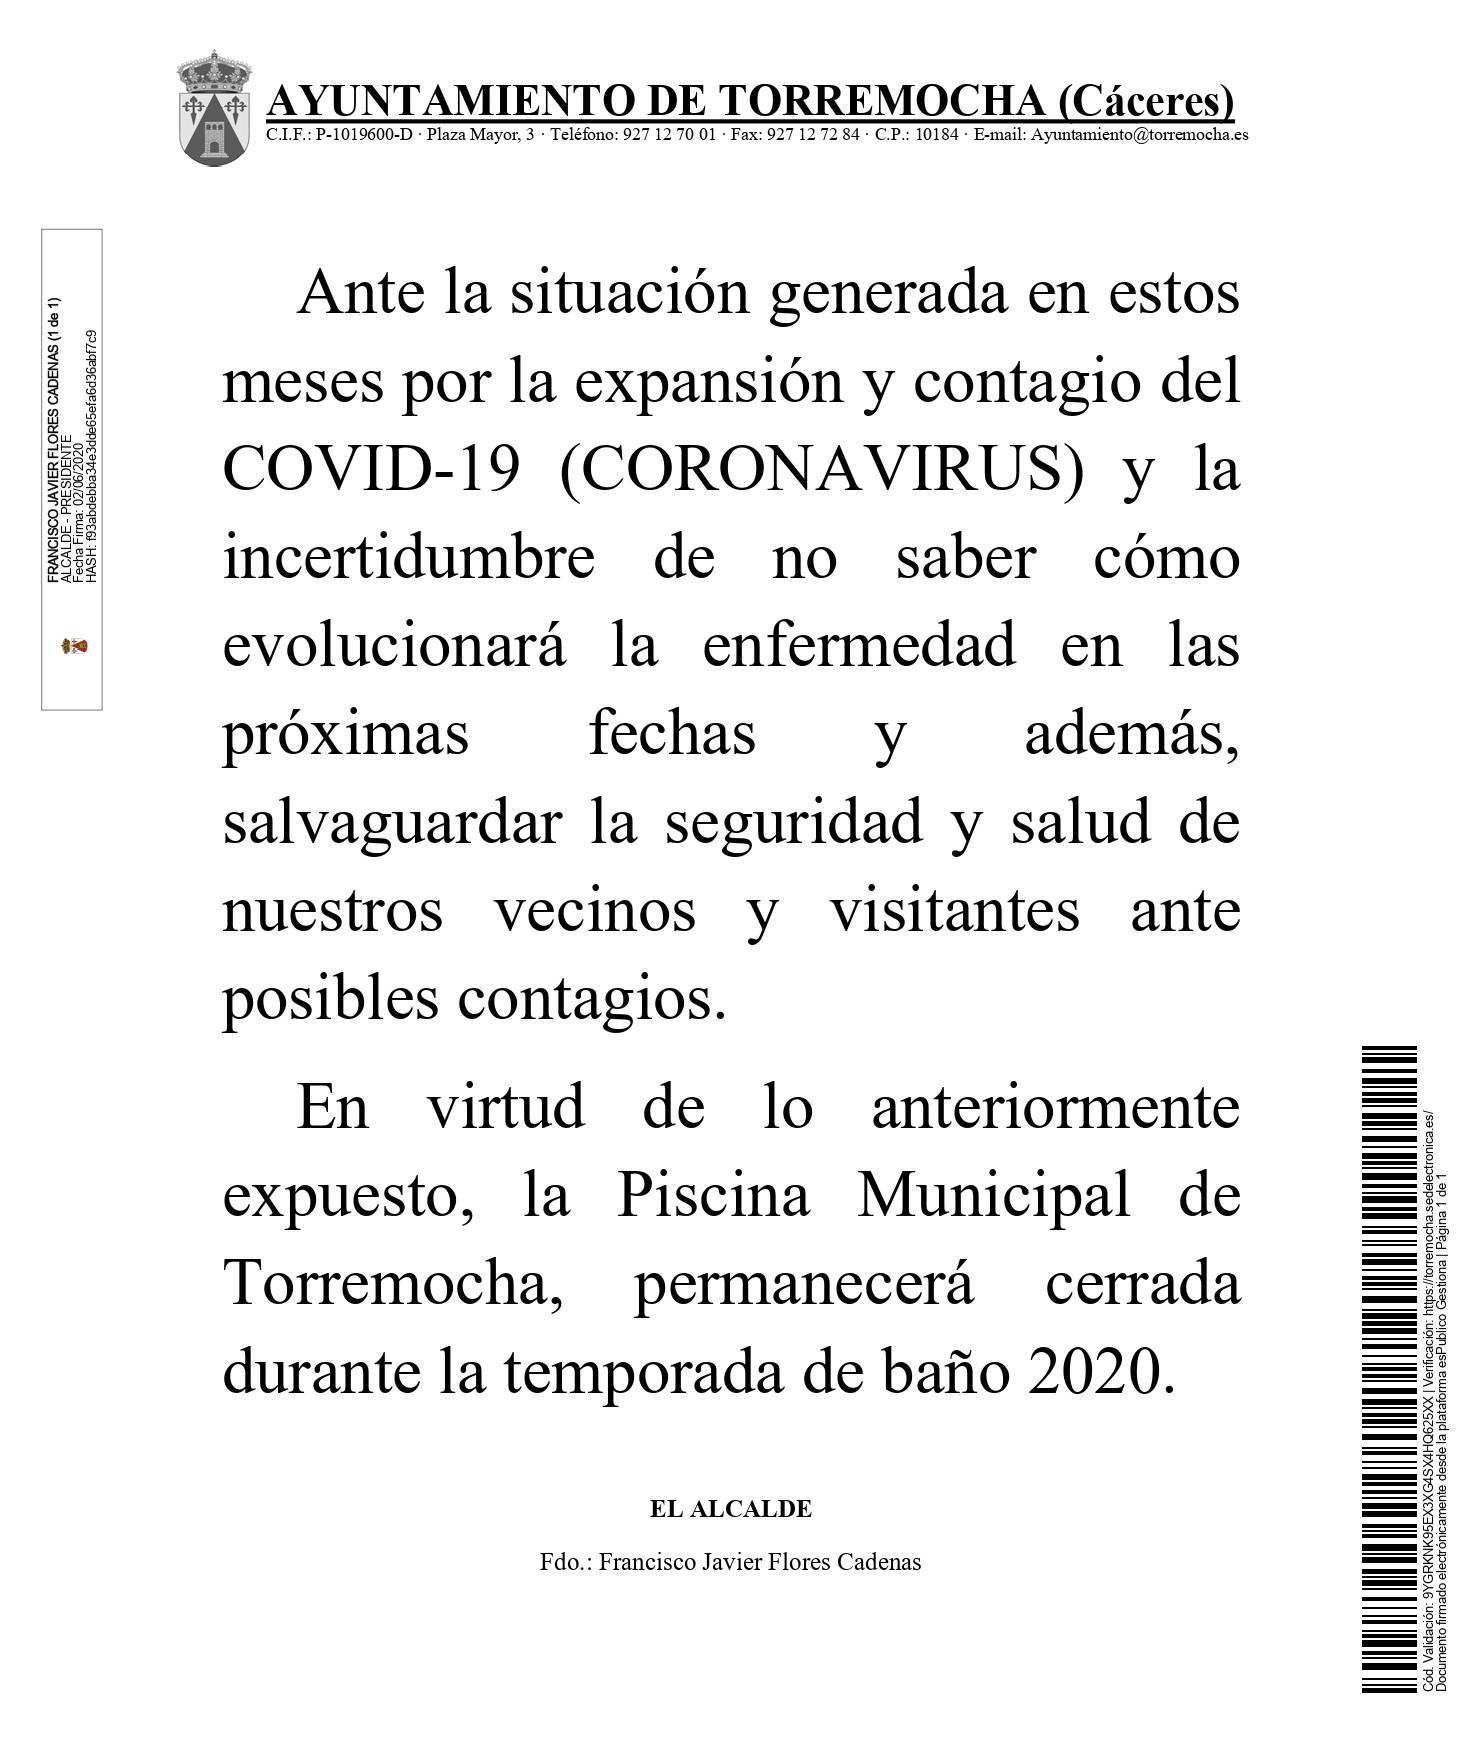 No abrirá la piscina municipal 2020 - Torremocha (Cáceres)